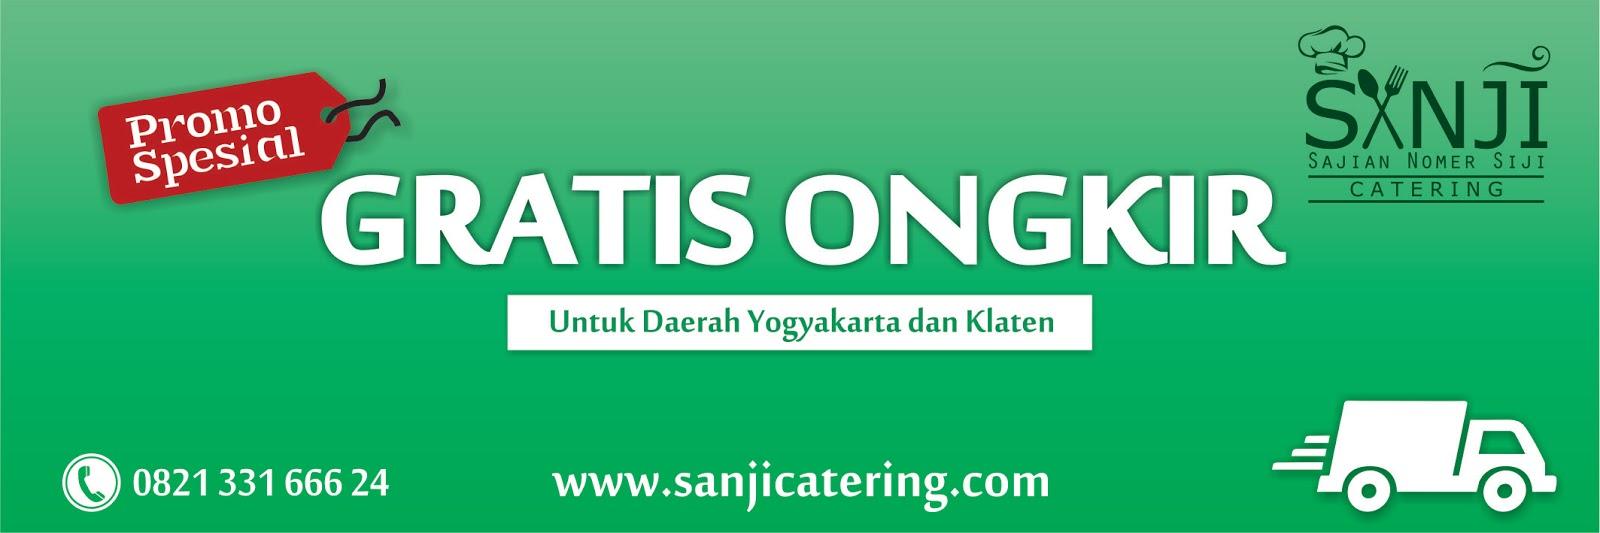 gratis ongkir sanji catering